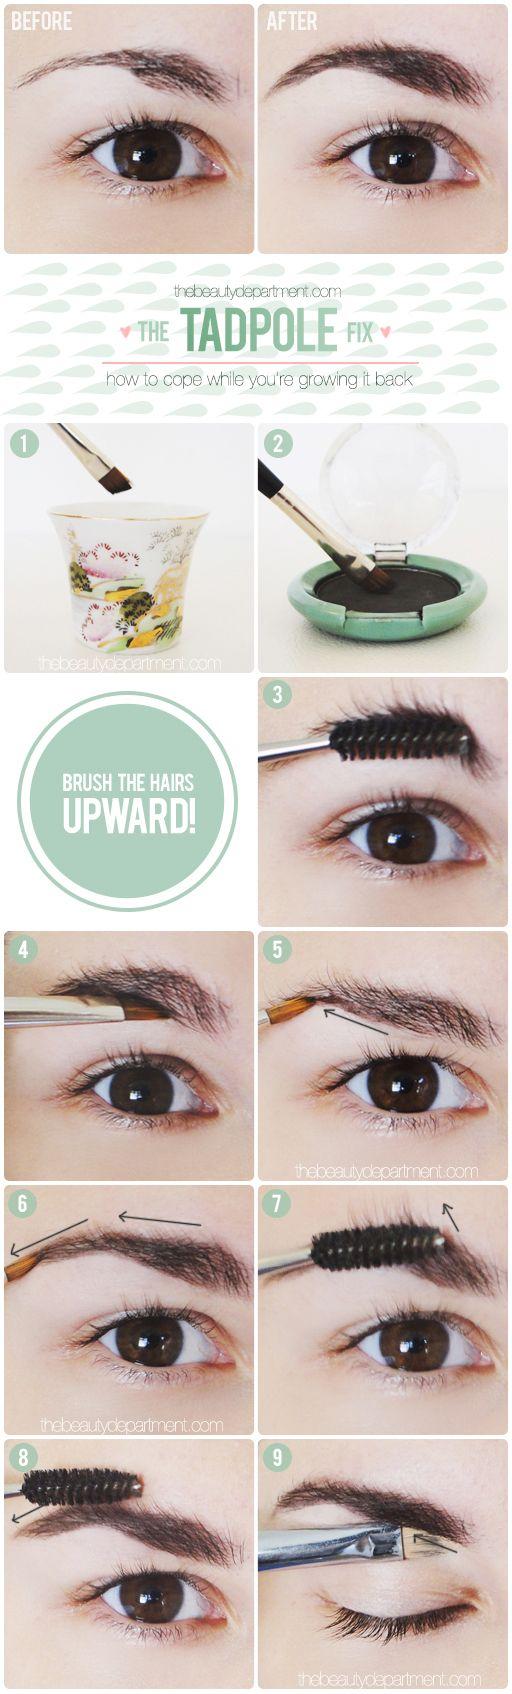 Cómo disimular las cejas depiladas de mas.                                                                                                                                                                                 Más